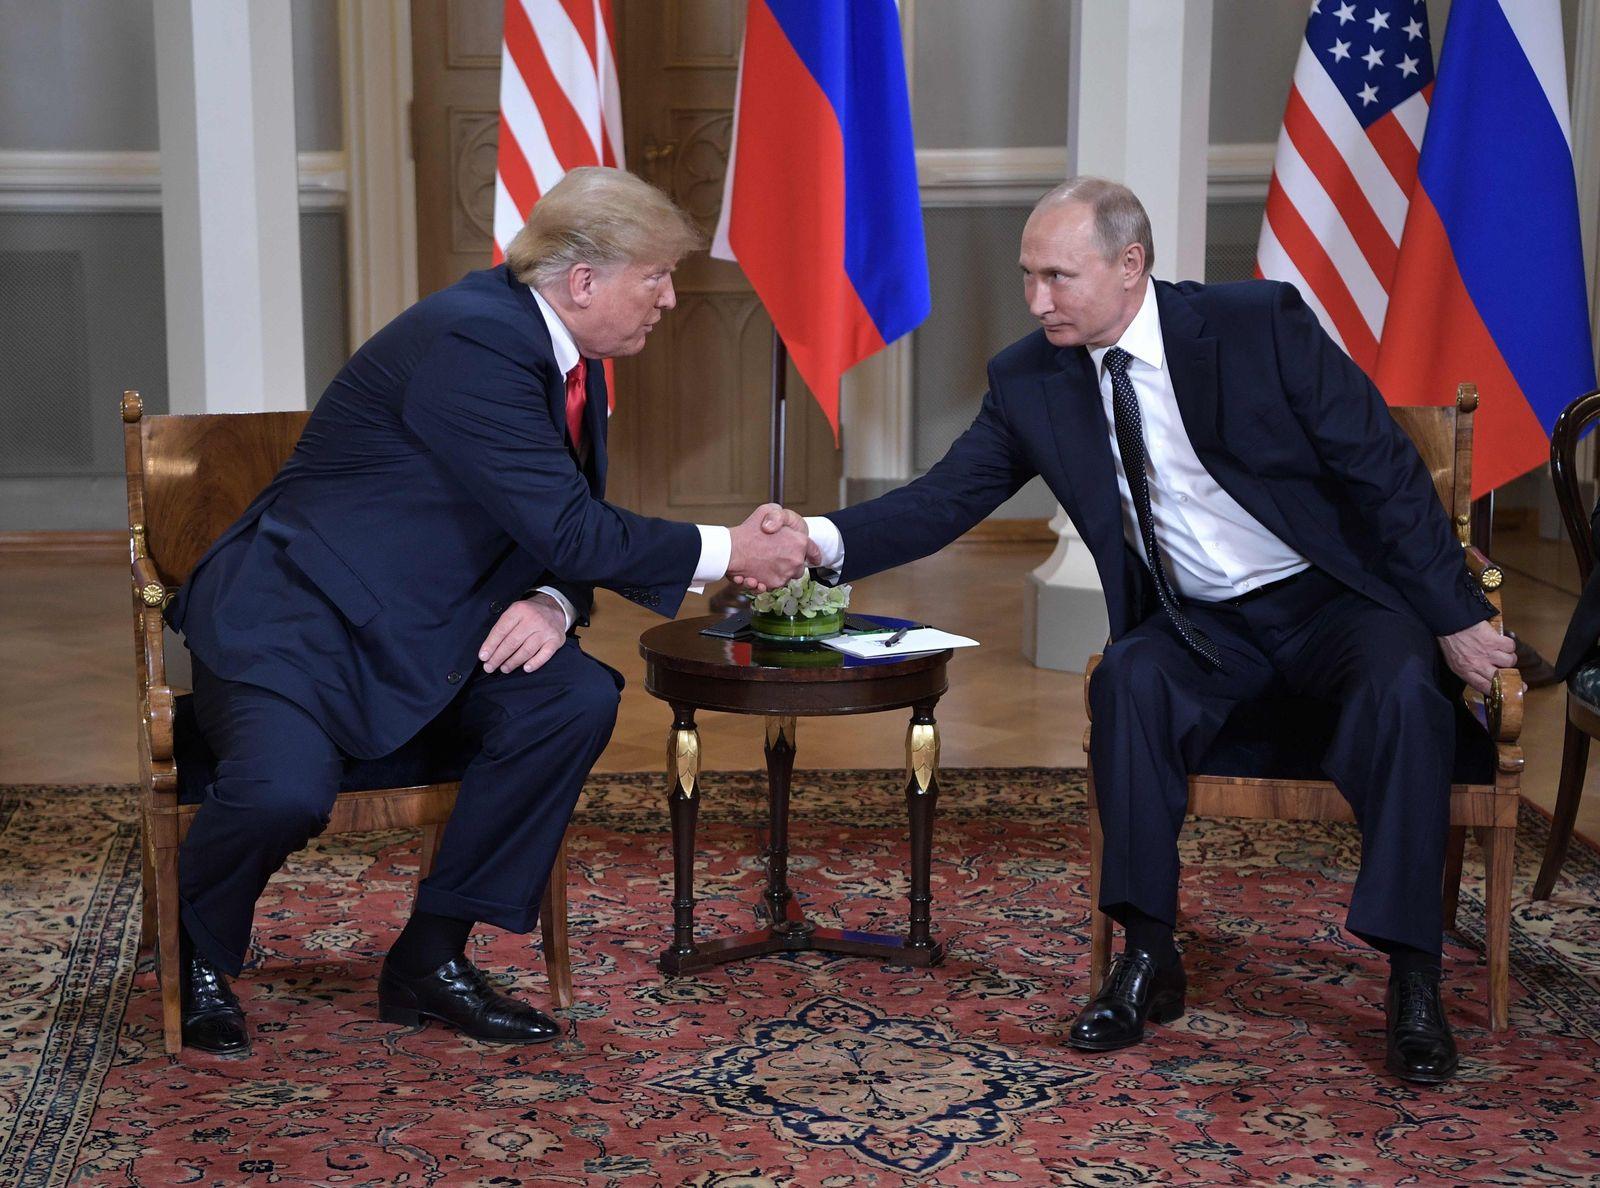 Donald Trump mit Wladimir Putin / Helsinki